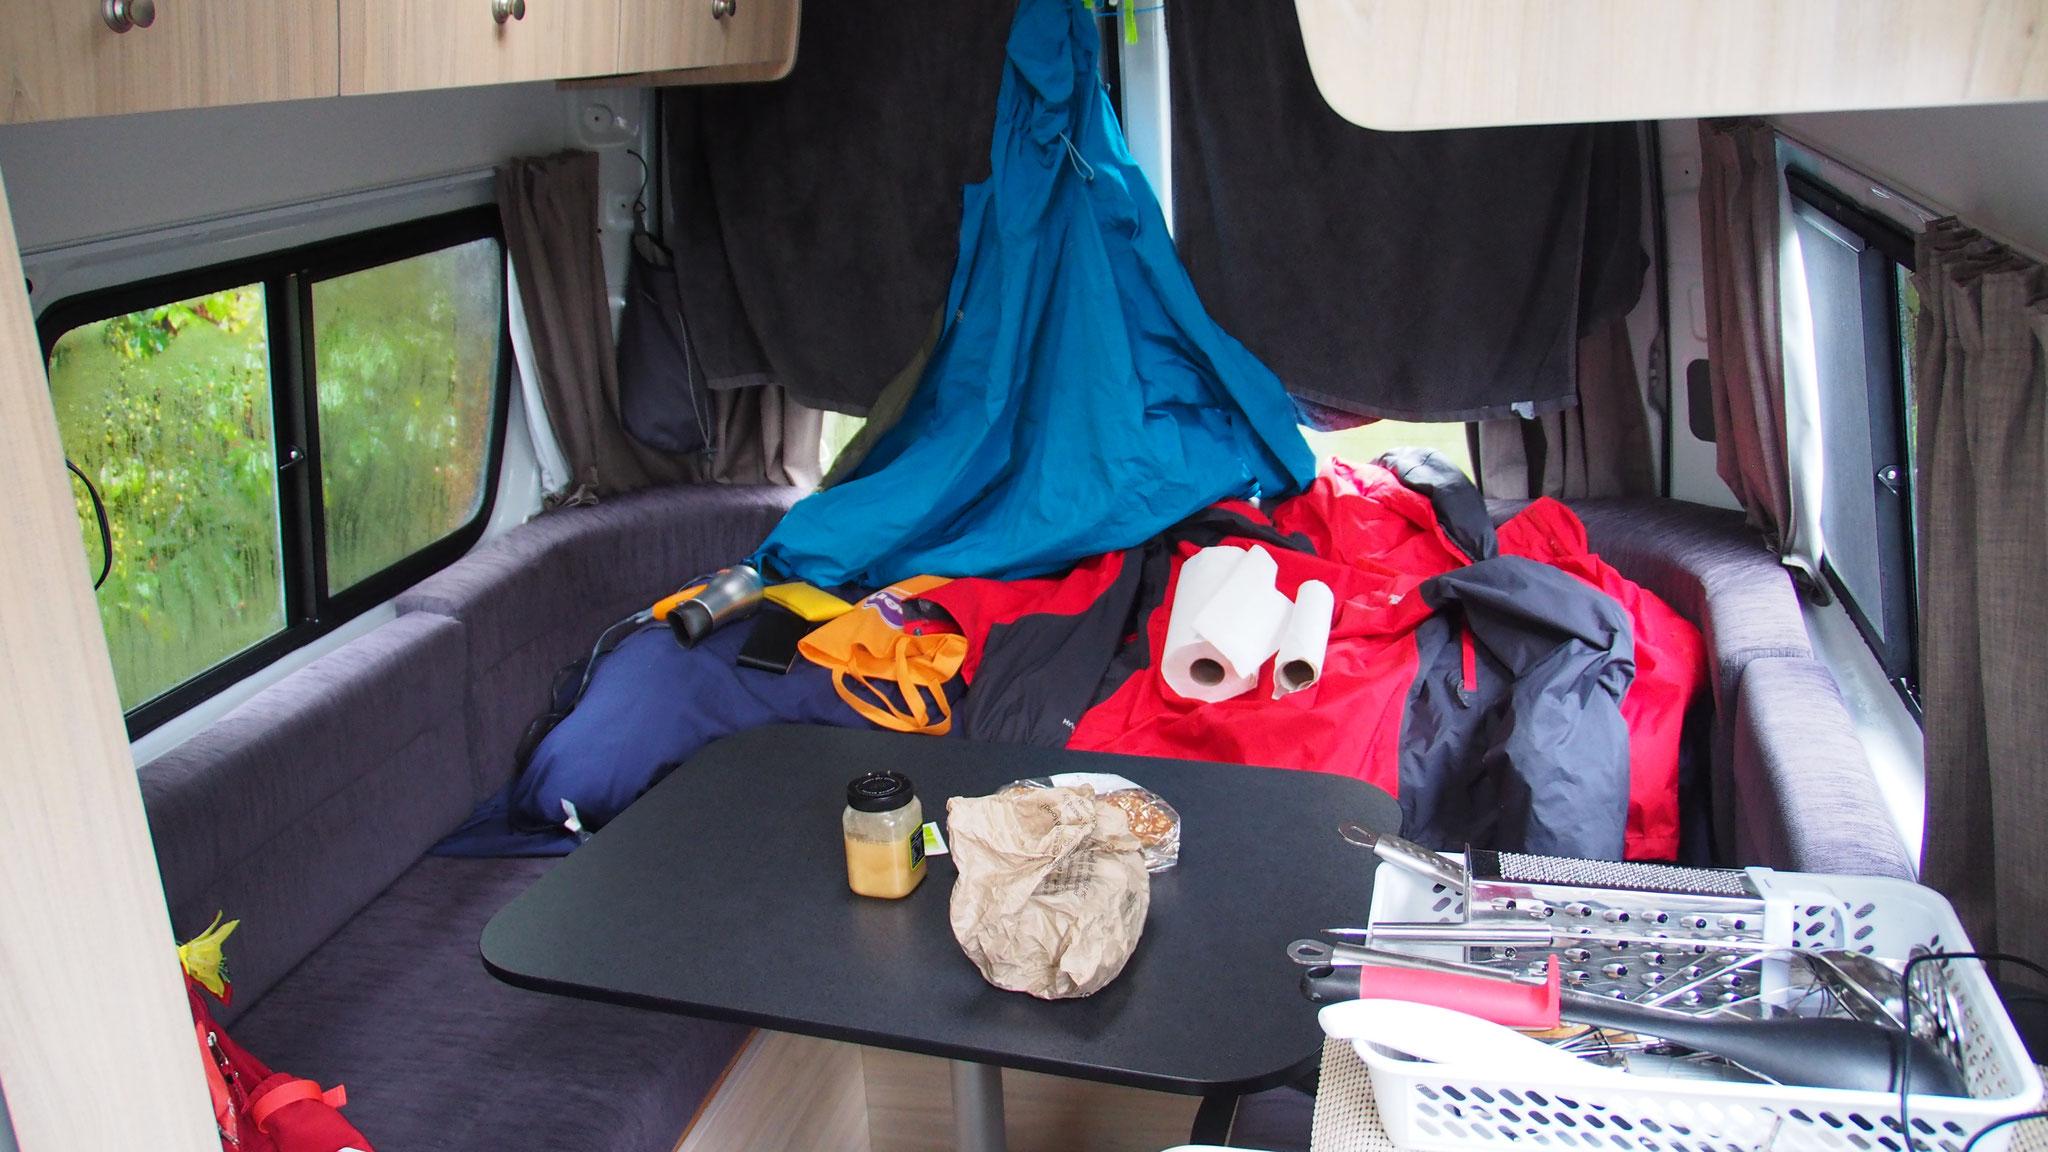 Trocken - Regenjacke hängt während der Fahrt  an der Wäscheleine